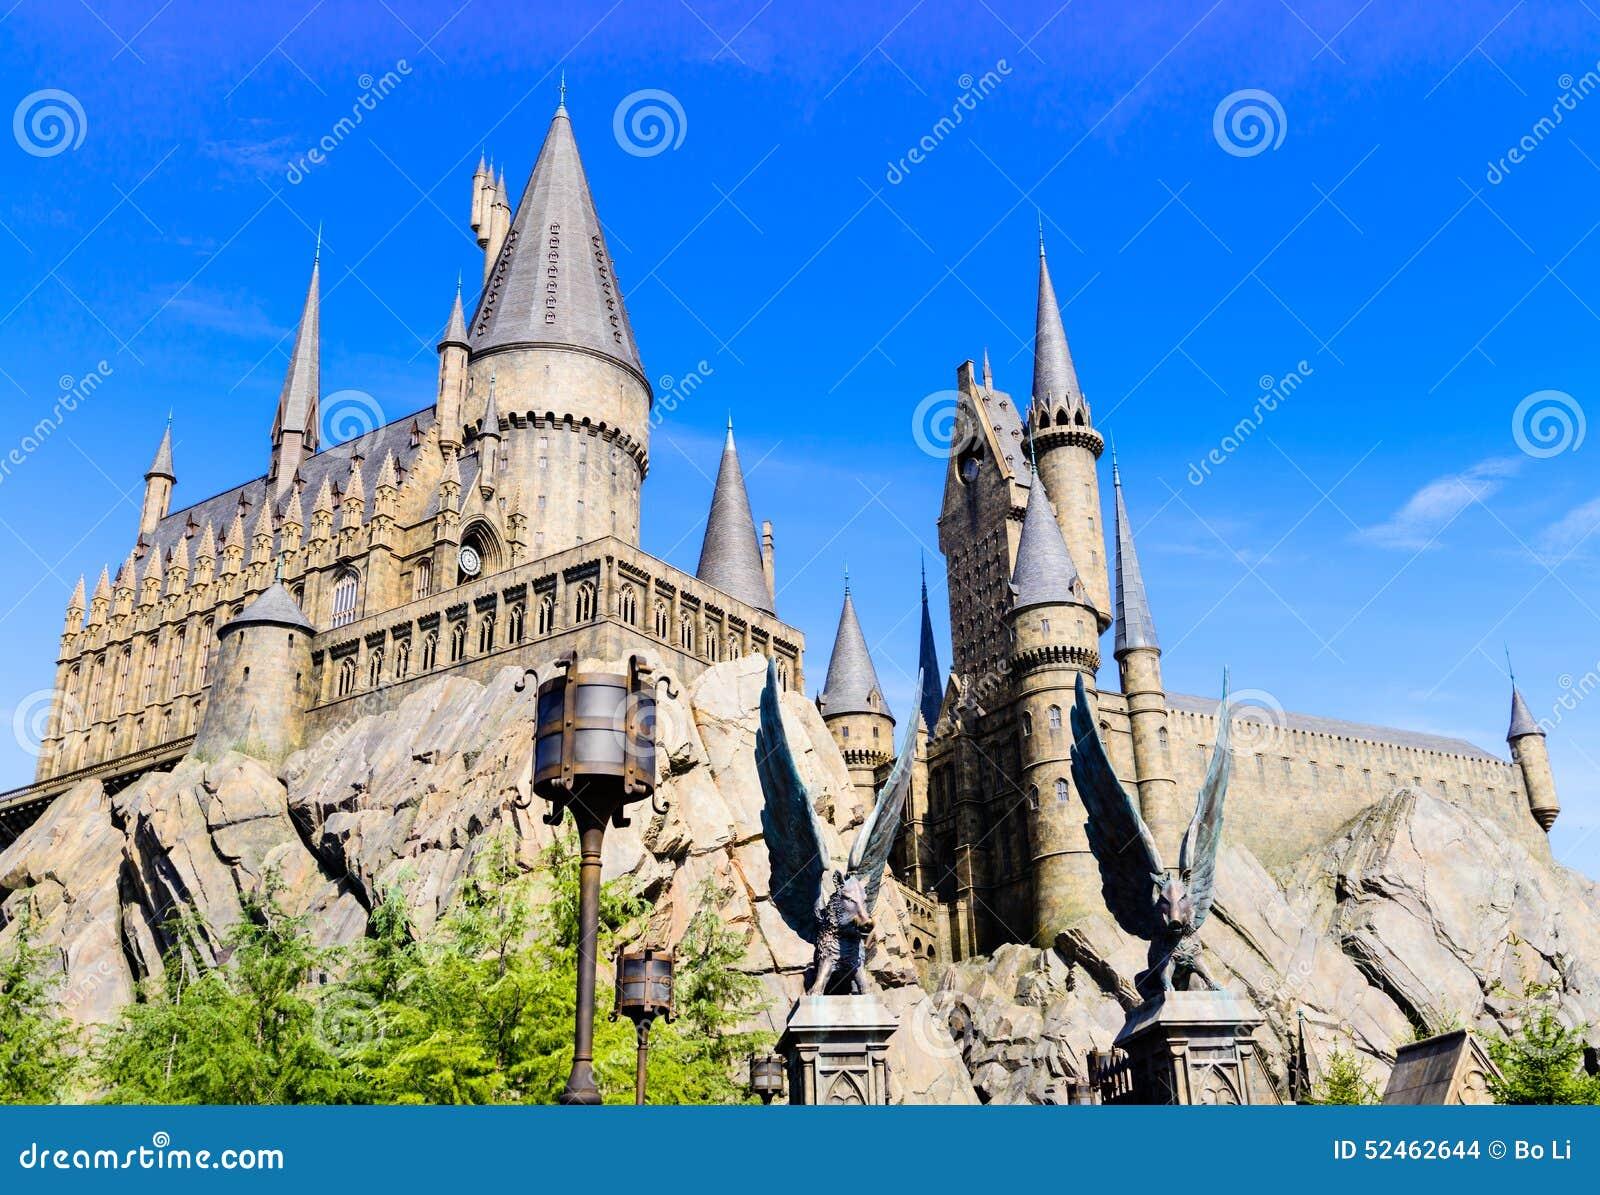 Panorama der Hogwarts-Schule von Harry Potter